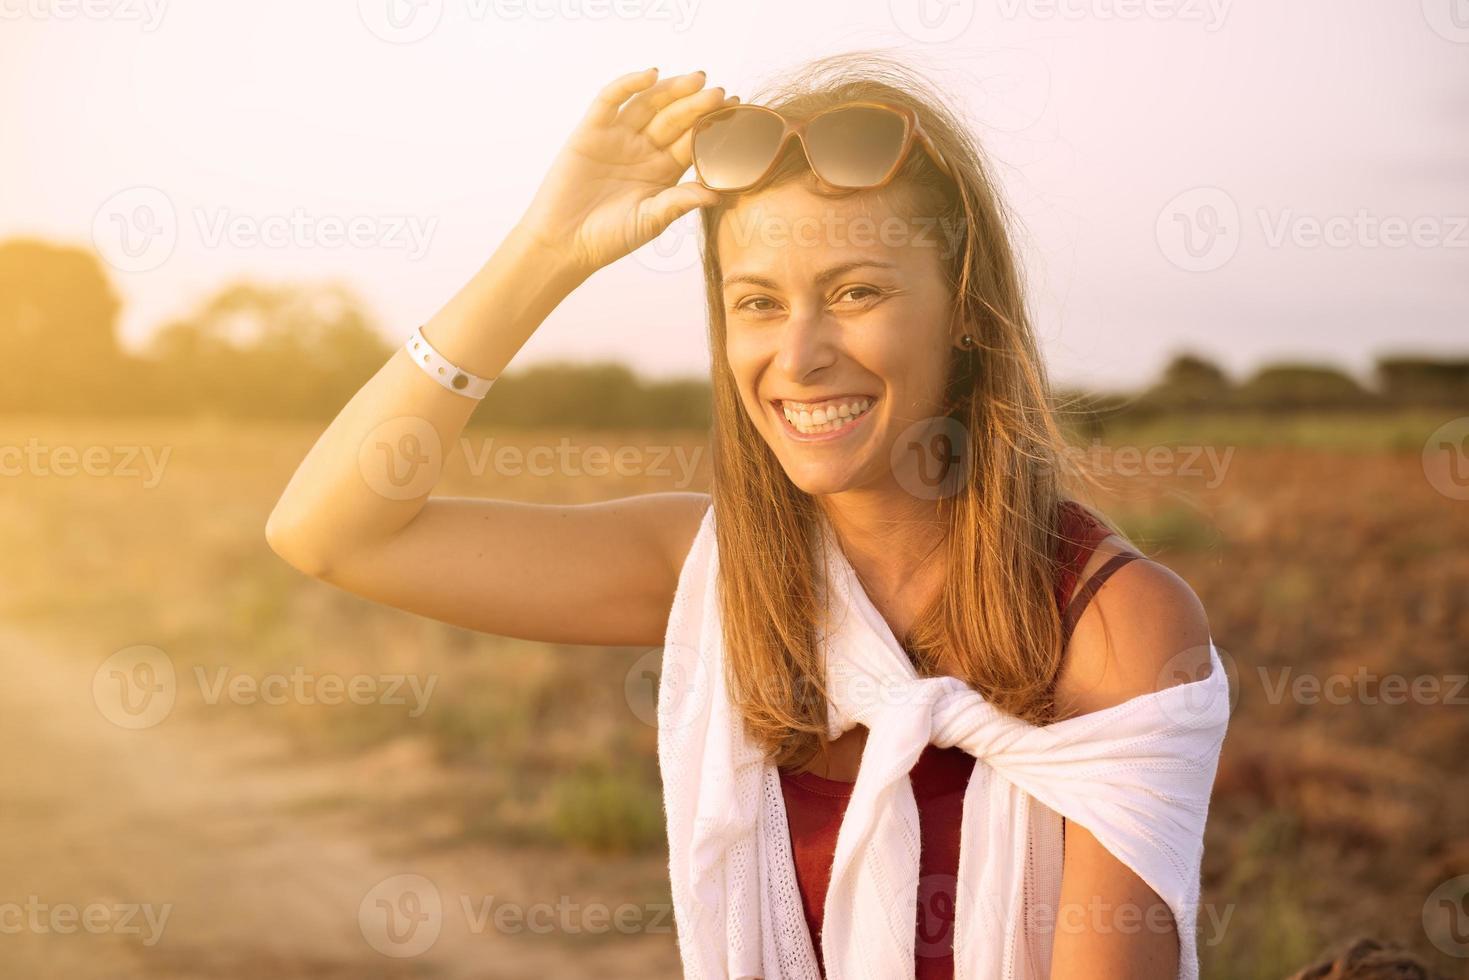 junge Frau mit Brille lacht im Herbst foto